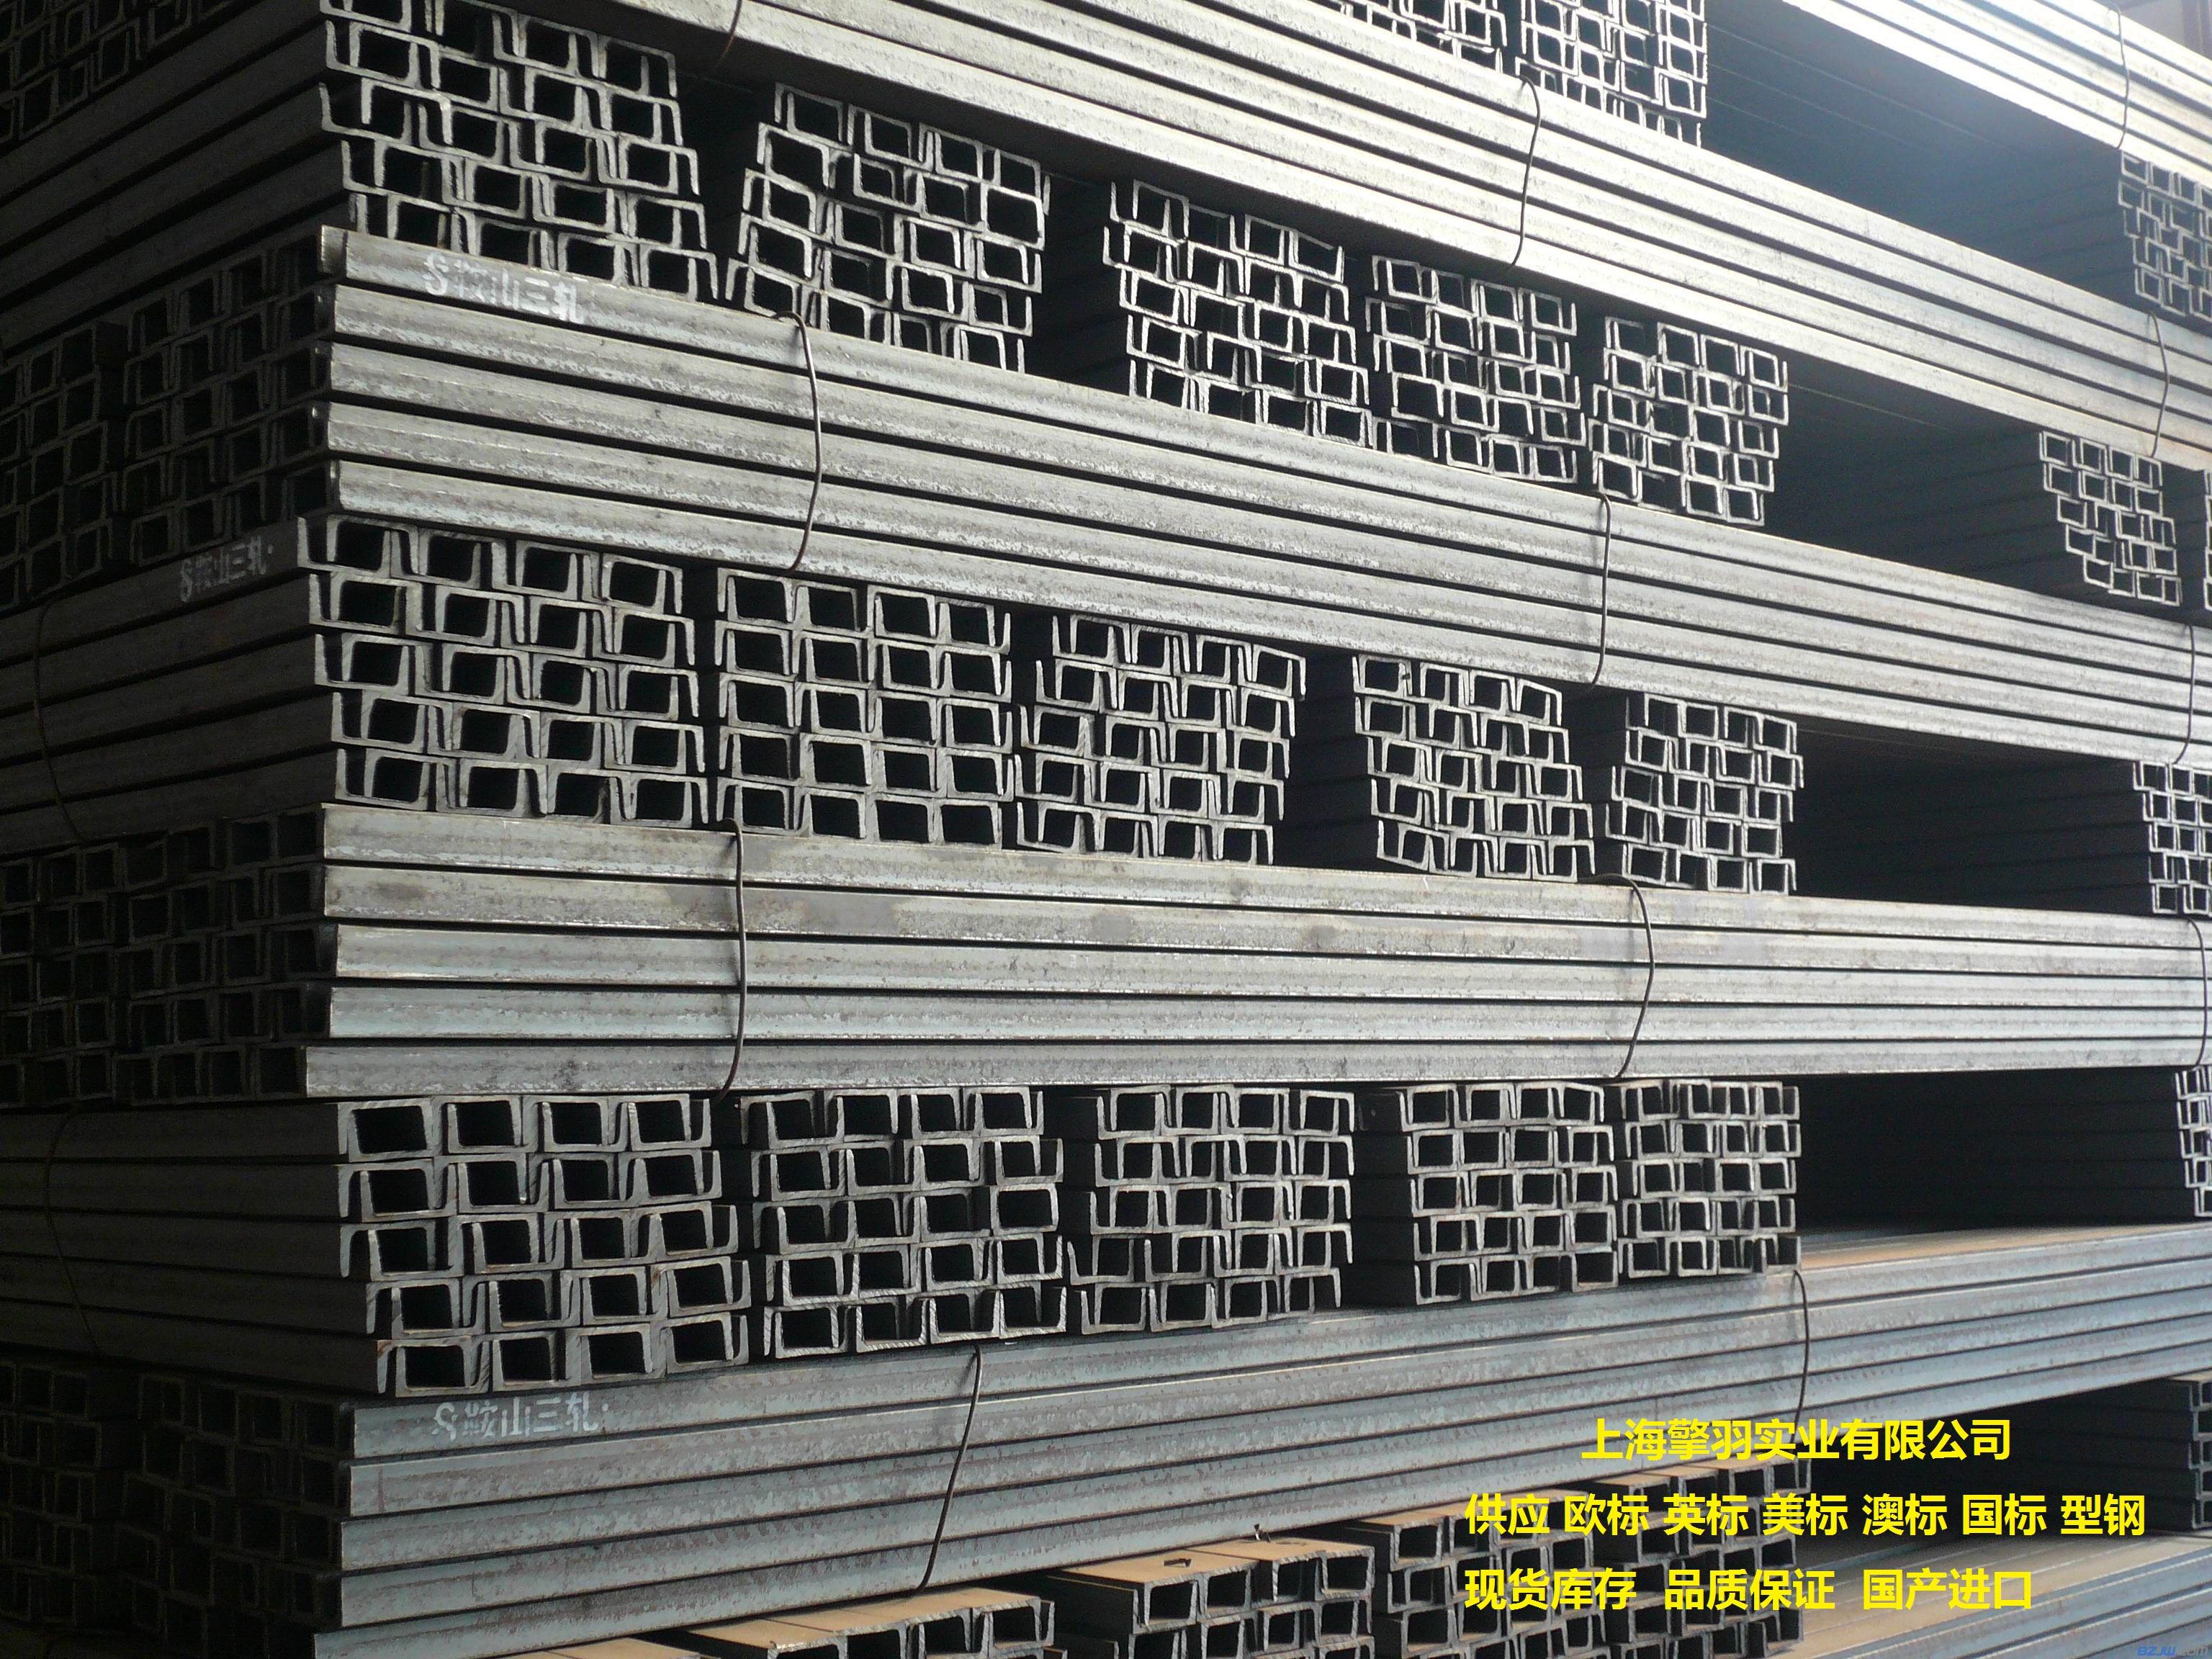 苏州欧标槽钢UPN系列UPN80、100、120、140、160、180、200、现货供应